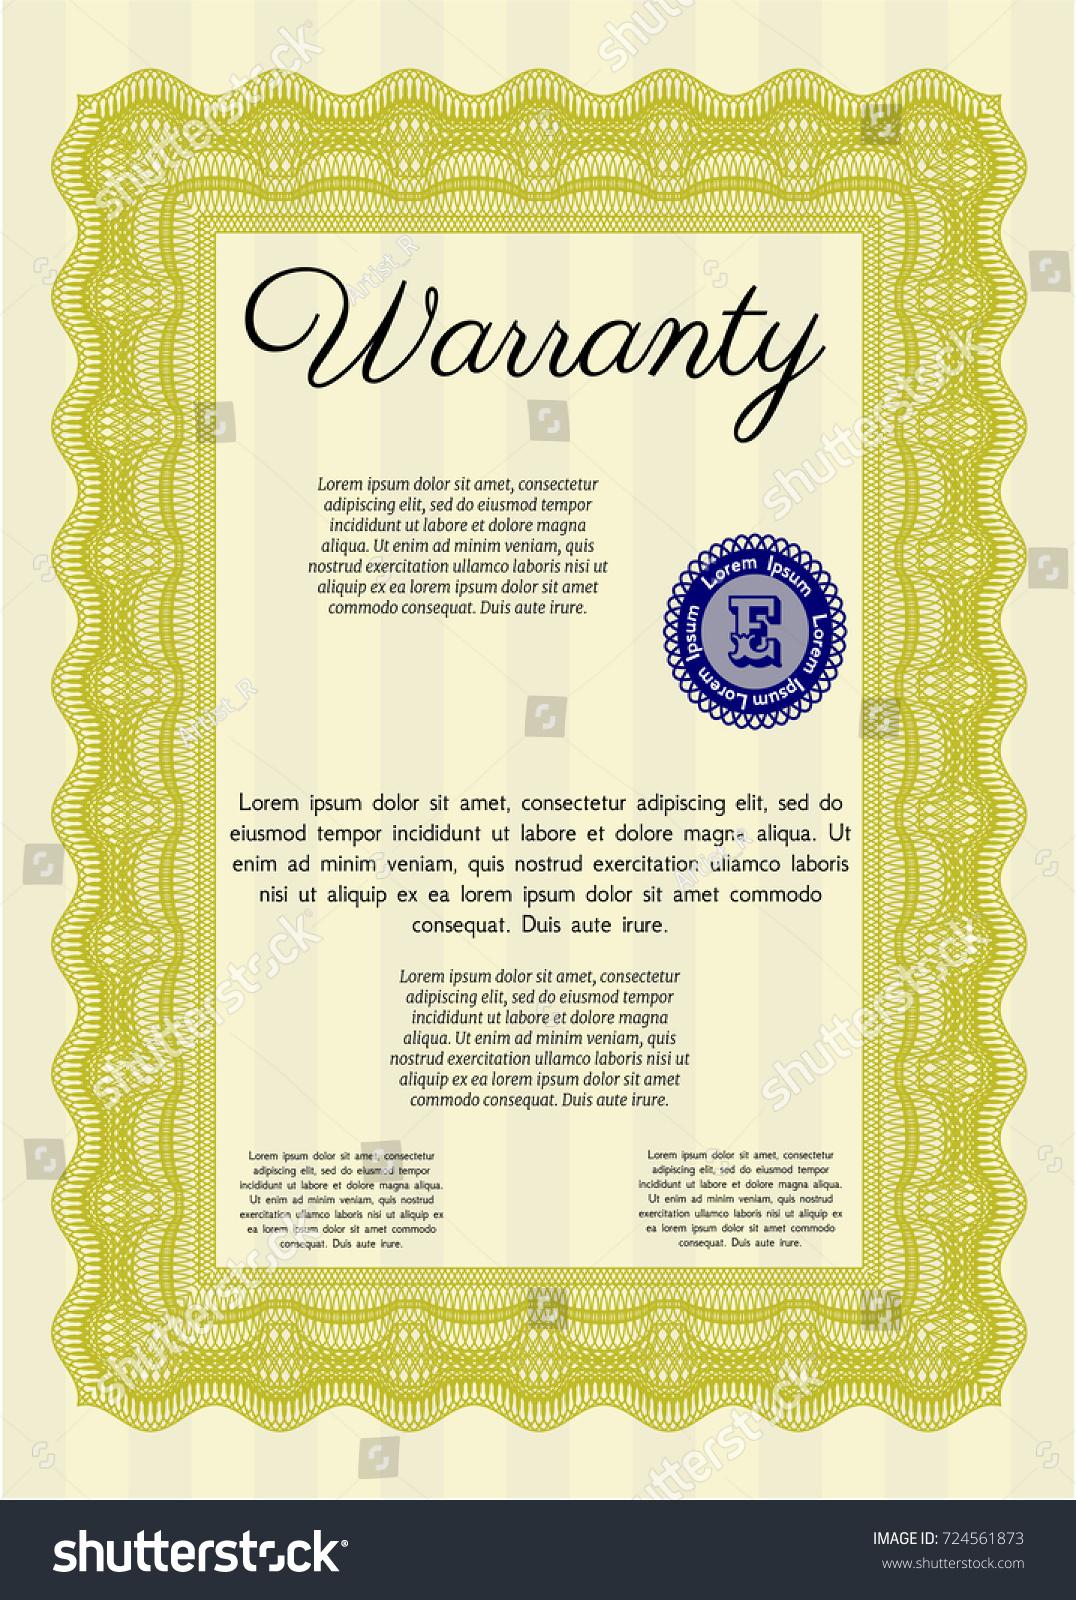 Membership Certificate Template Pacqco business company quotation – Membership Certificate Template